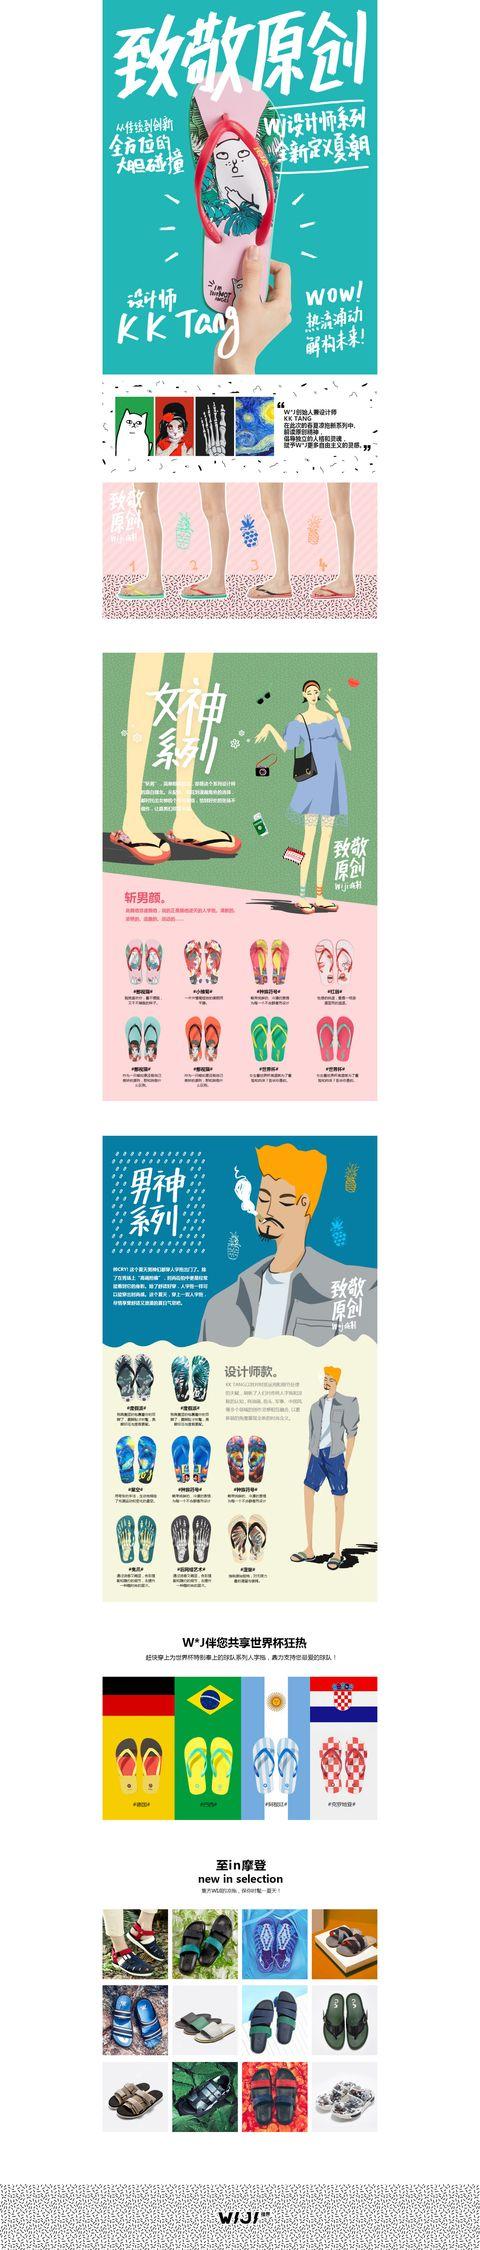 WIJI女鞋拖鞋手绘专题-品牌设计 - puff1208   ello